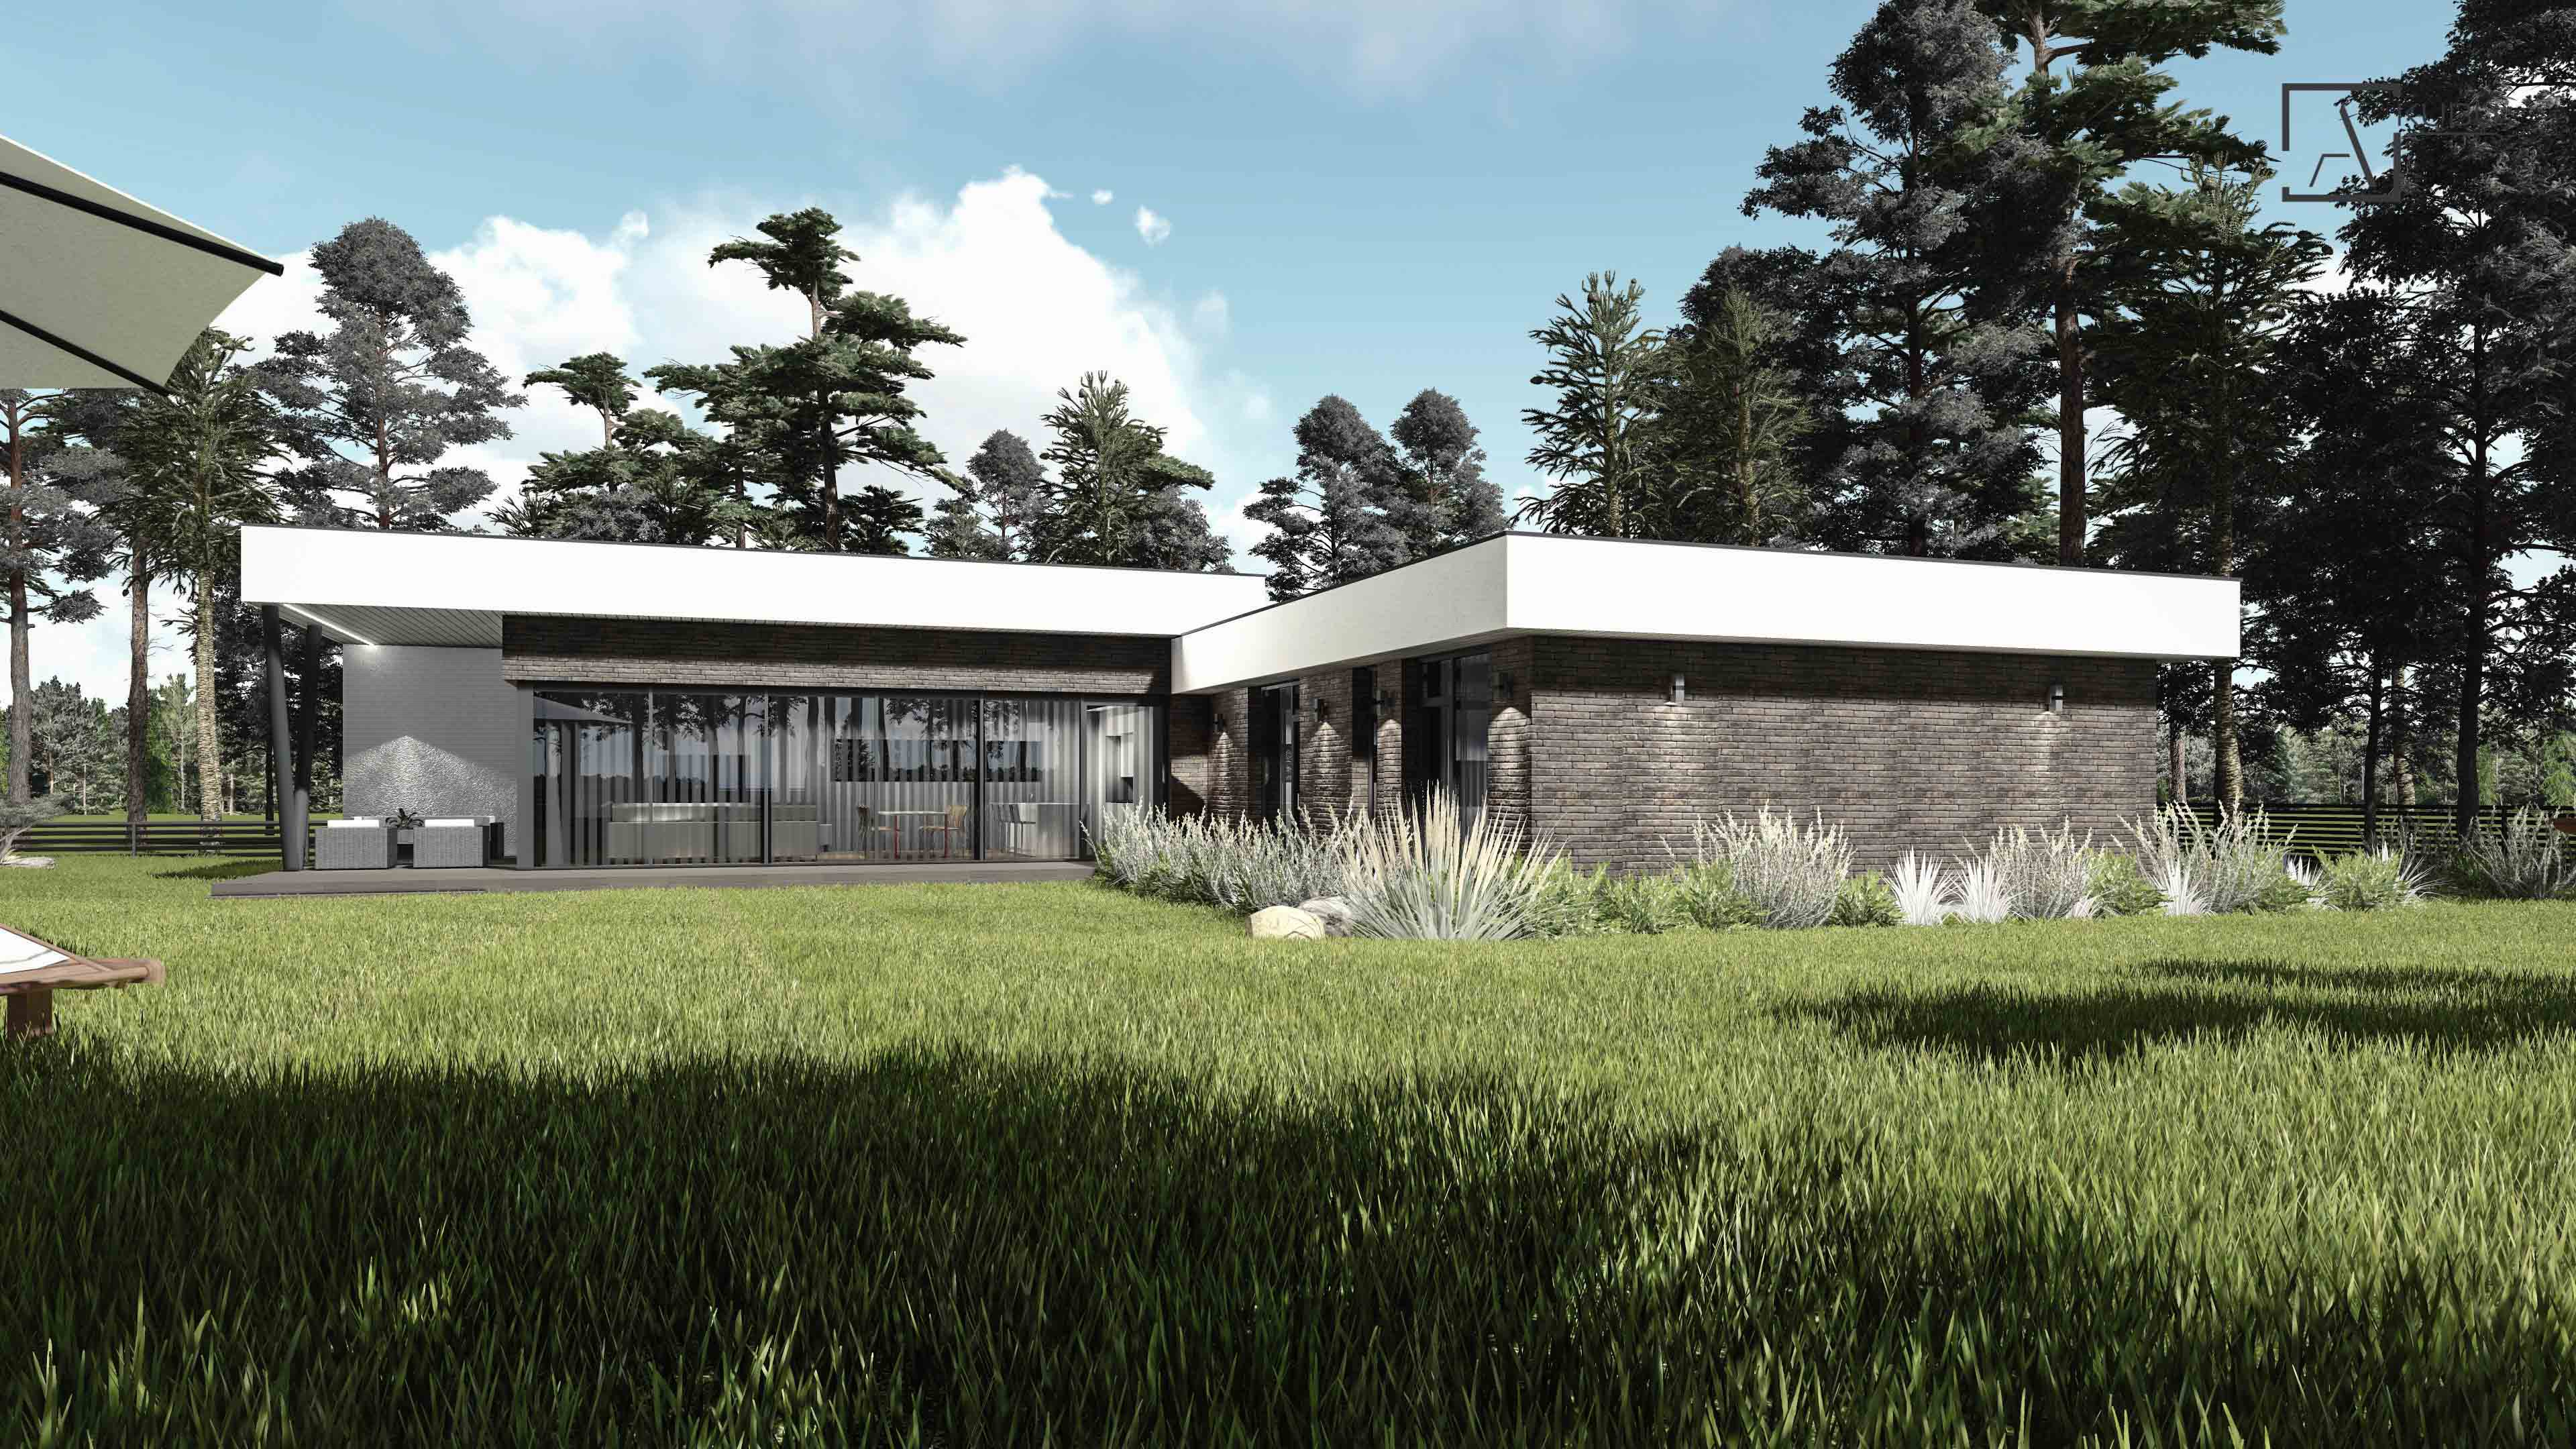 Namų projektas - RODIS